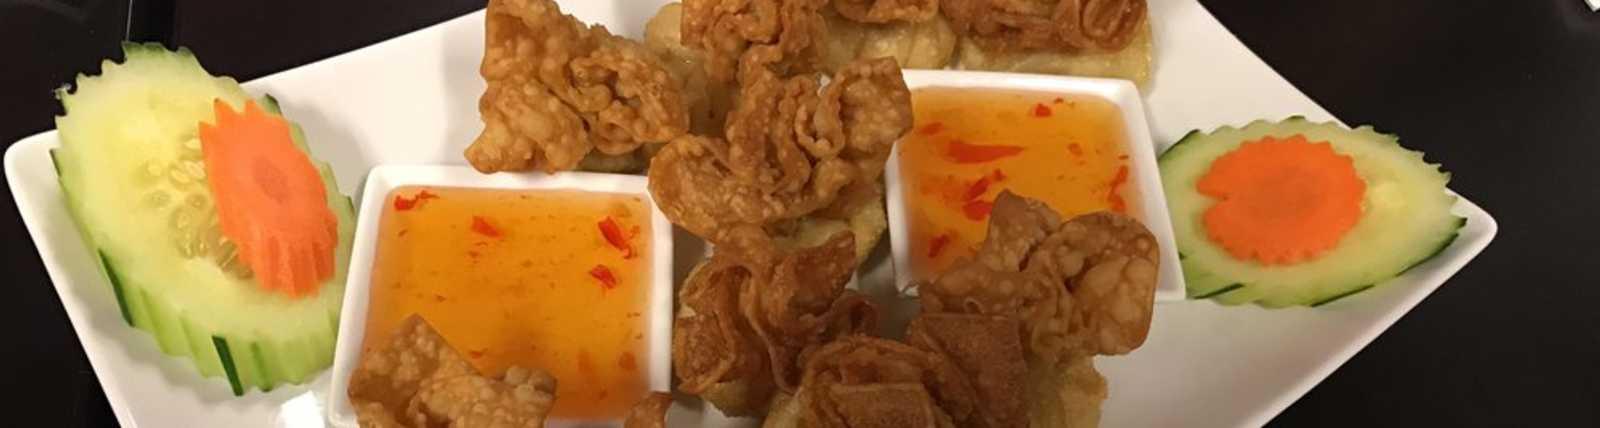 Chontong_Thai_Cuisine-2.jpg